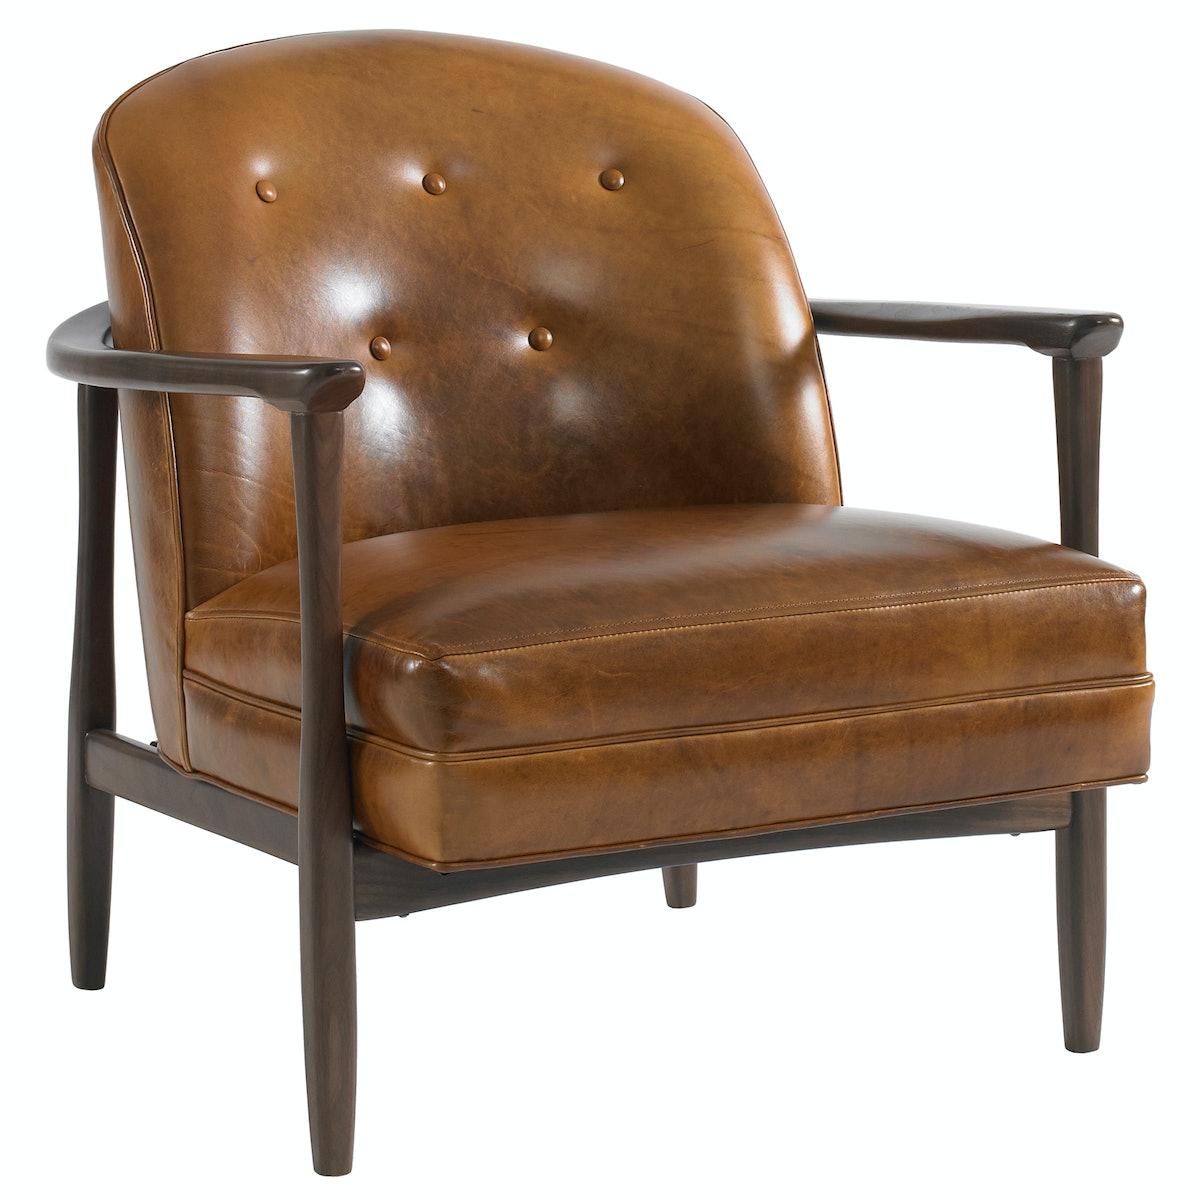 DwellStudio chair